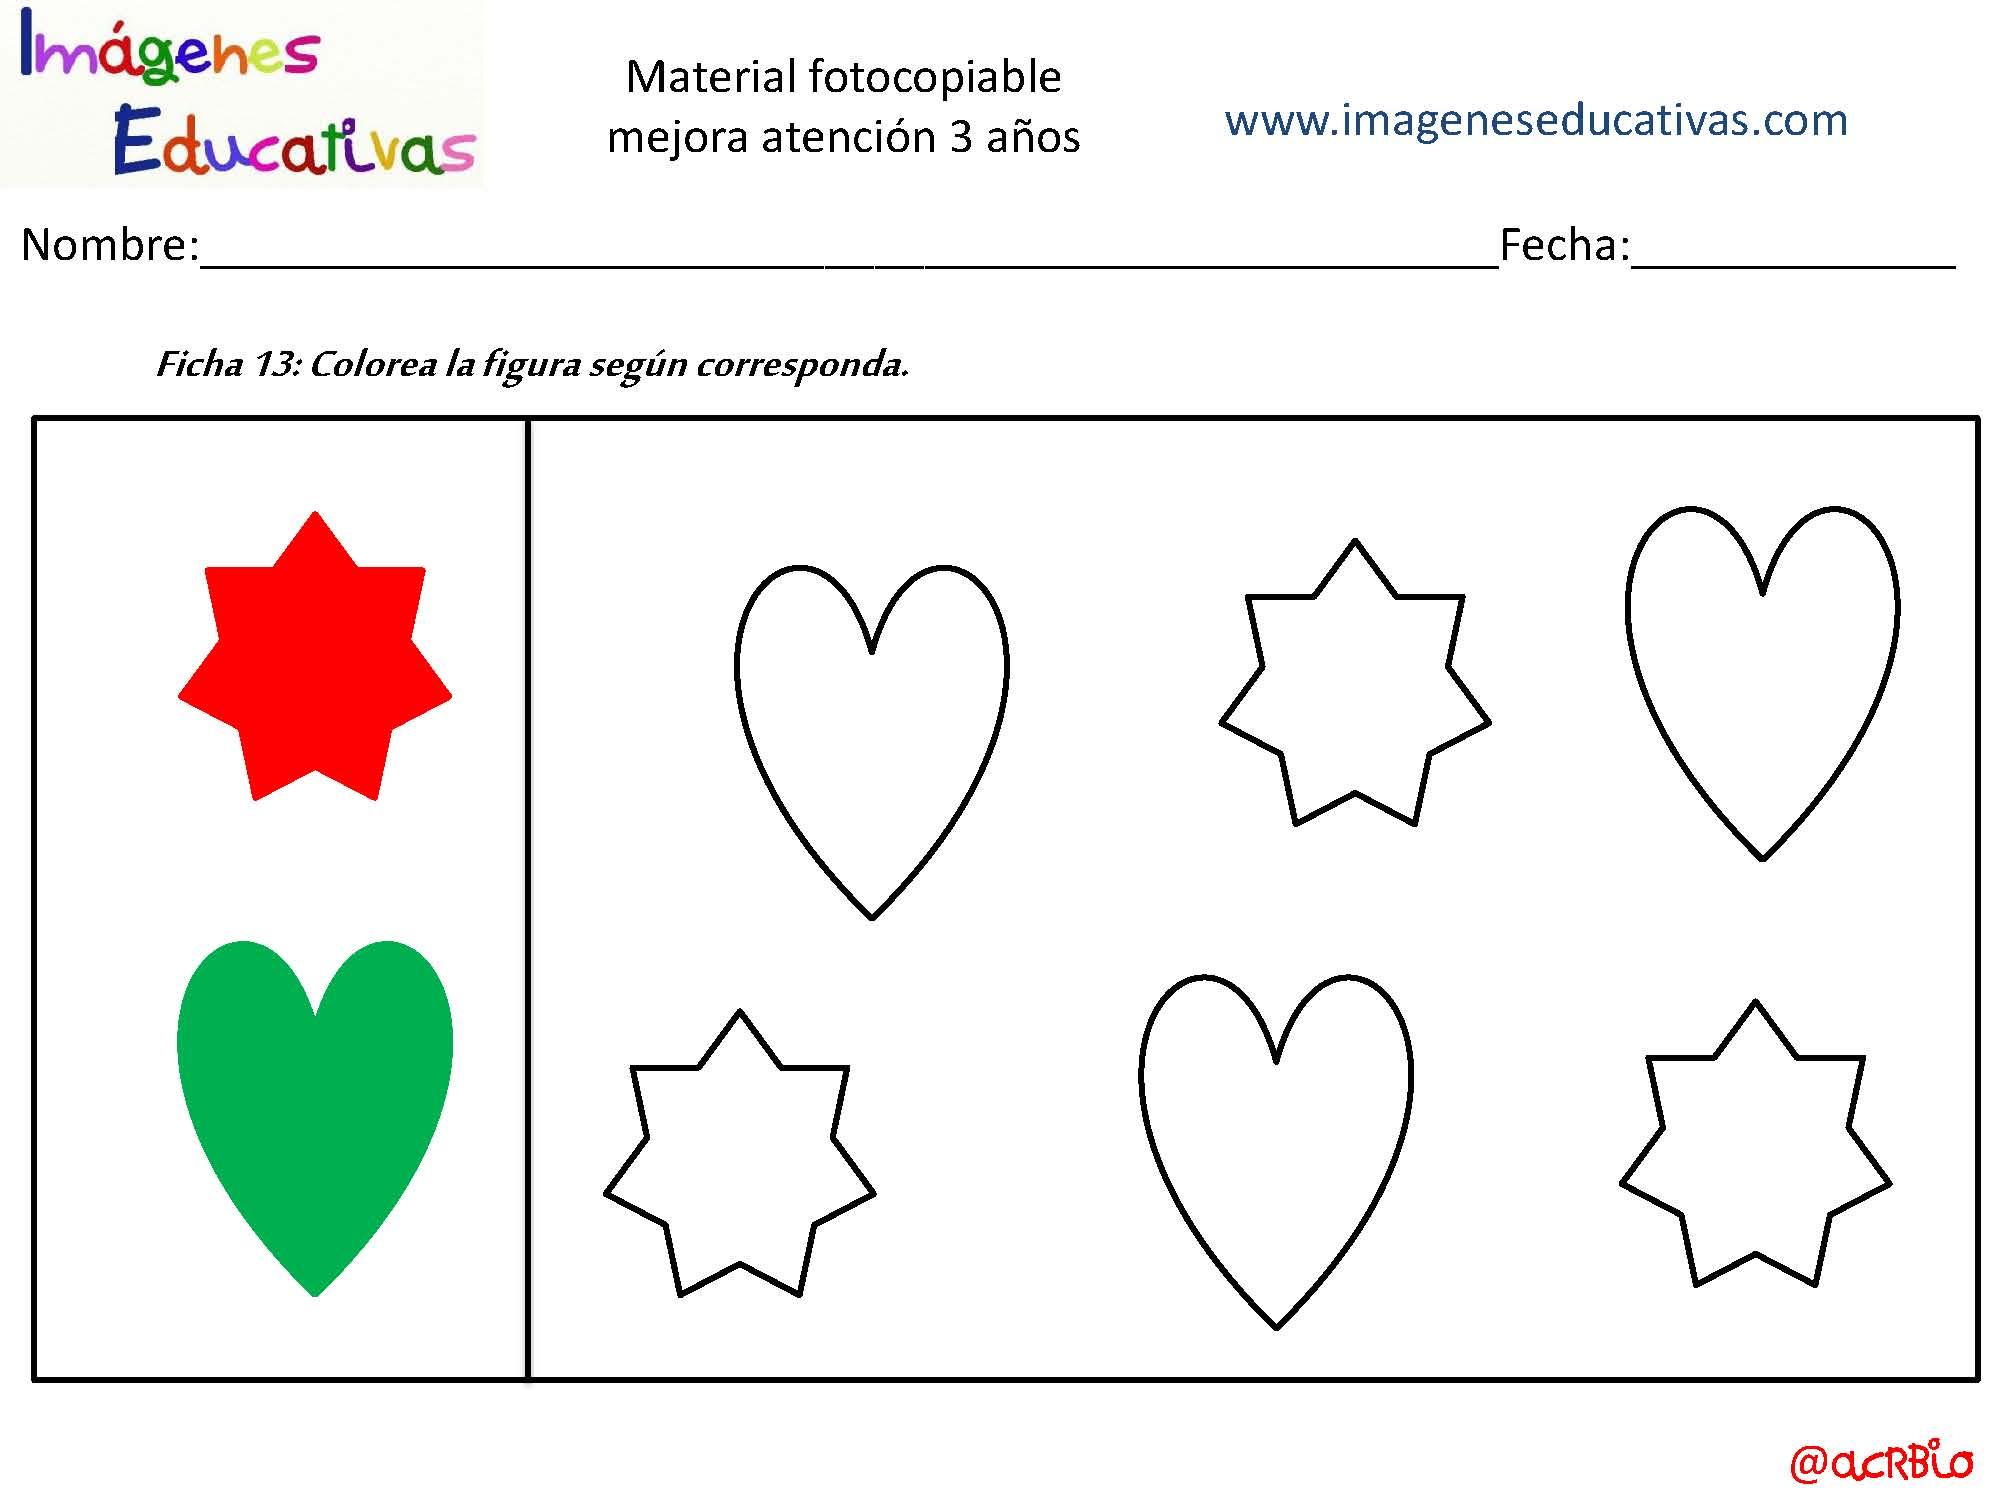 Colorear Dibujos Ninos 3 Anos: Actividades Para Mejorar La Atención 3 Años_Página_14